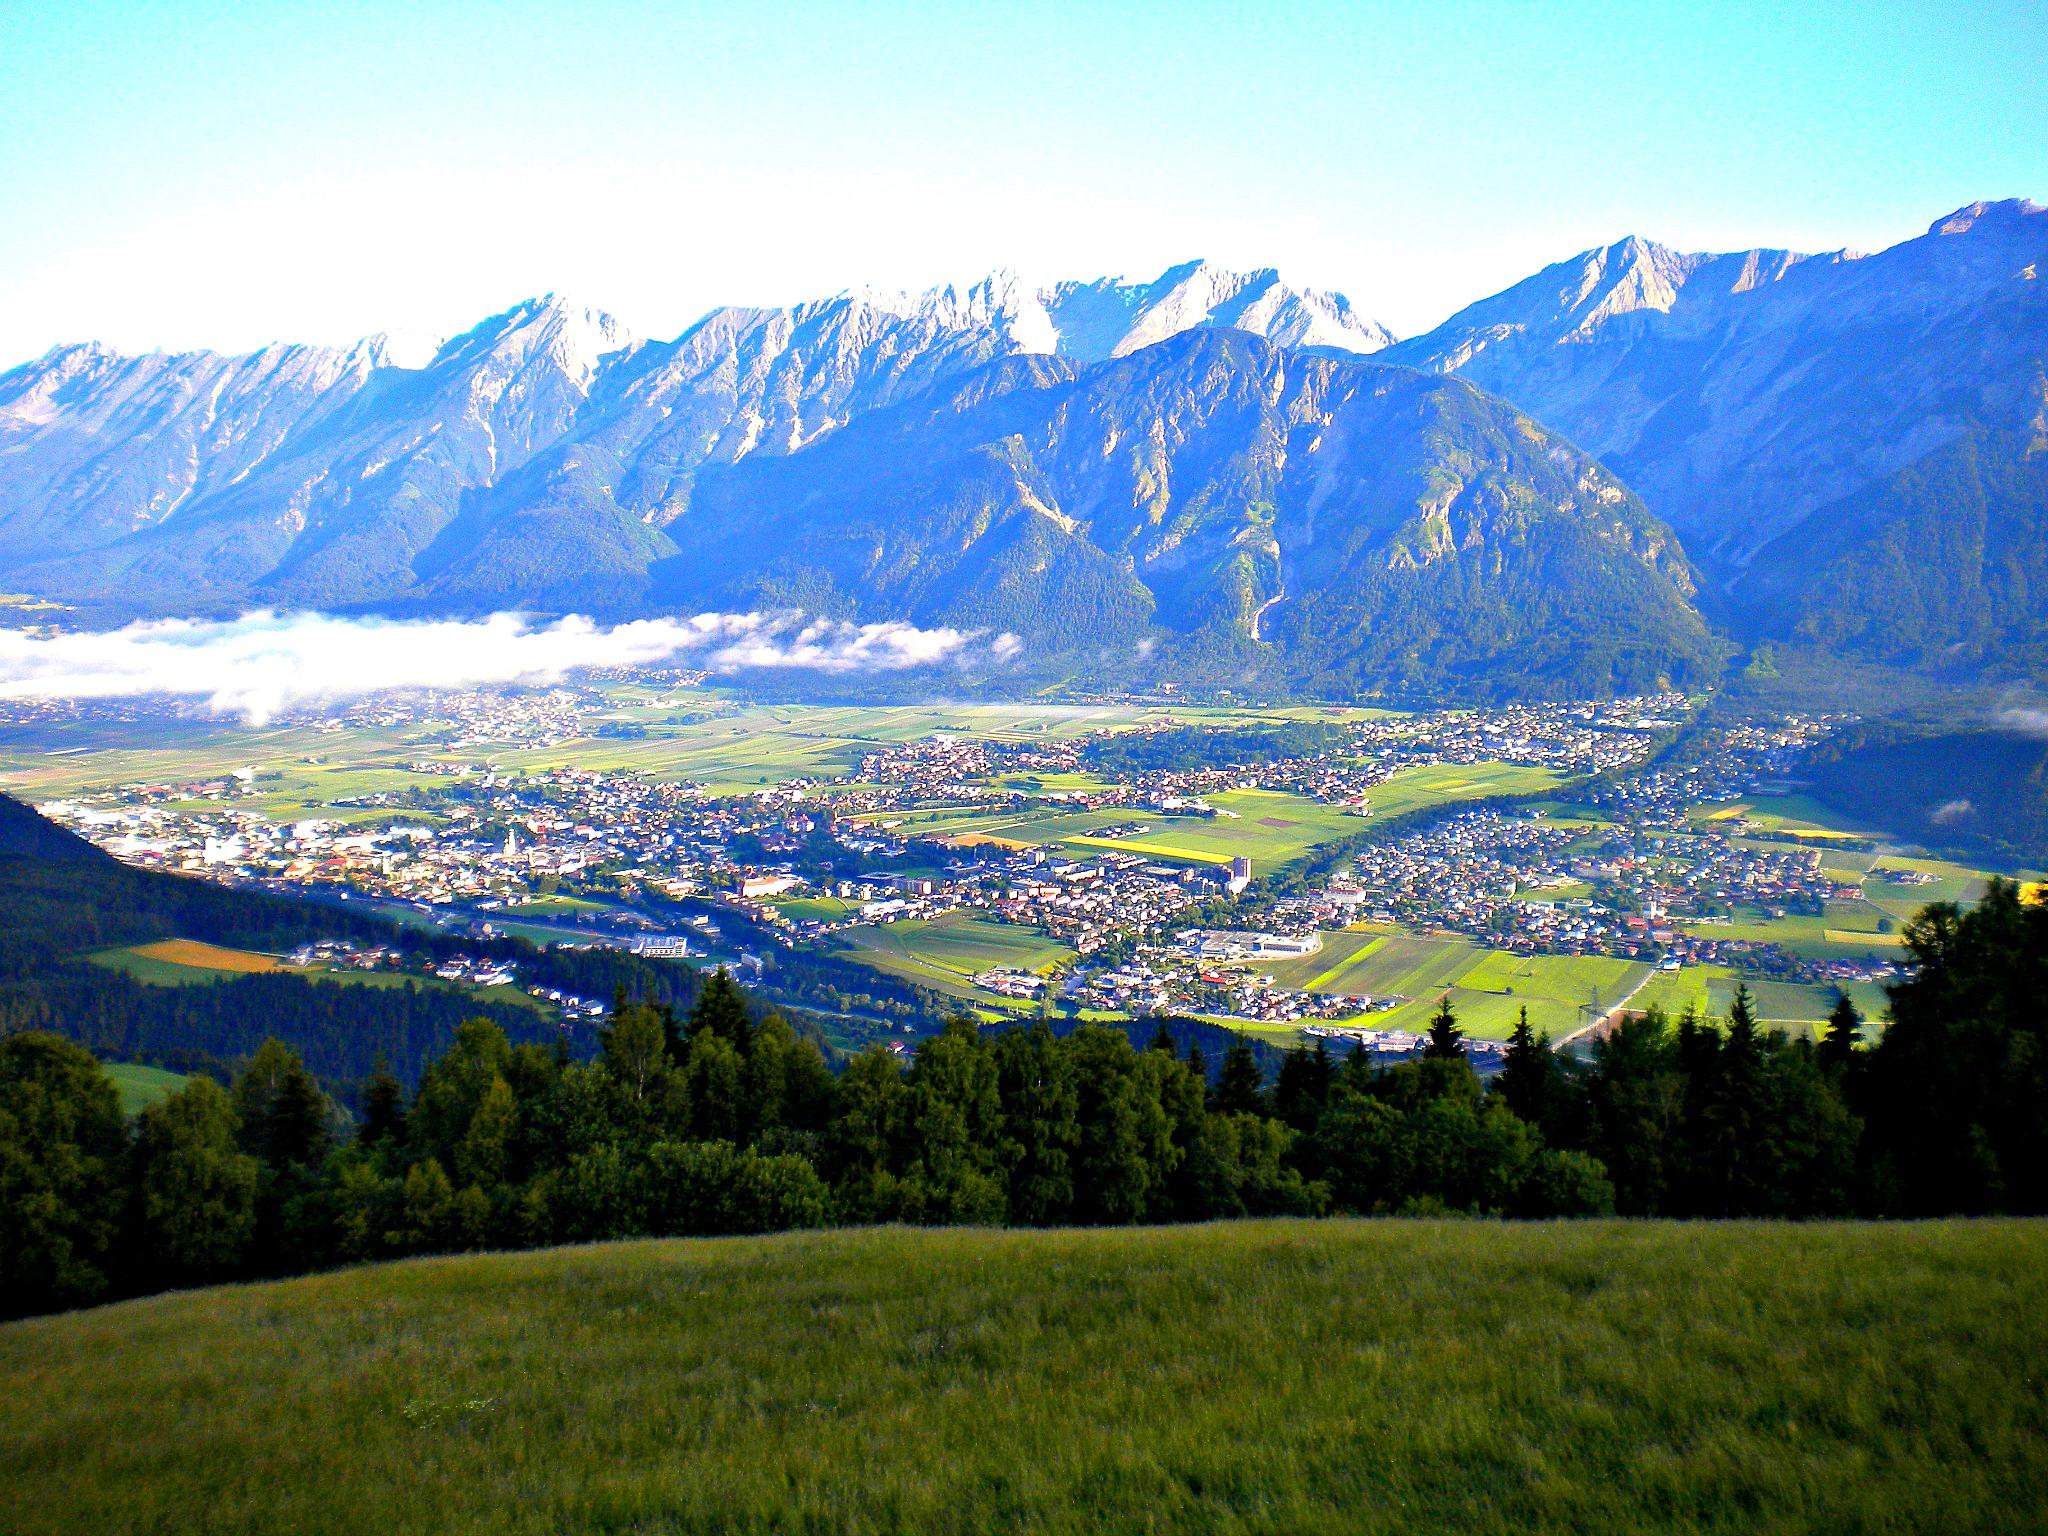 https://i2.wp.com/travelfareatwell.files.wordpress.com/2015/03/beautiful-austria.jpg?ssl\u003d1